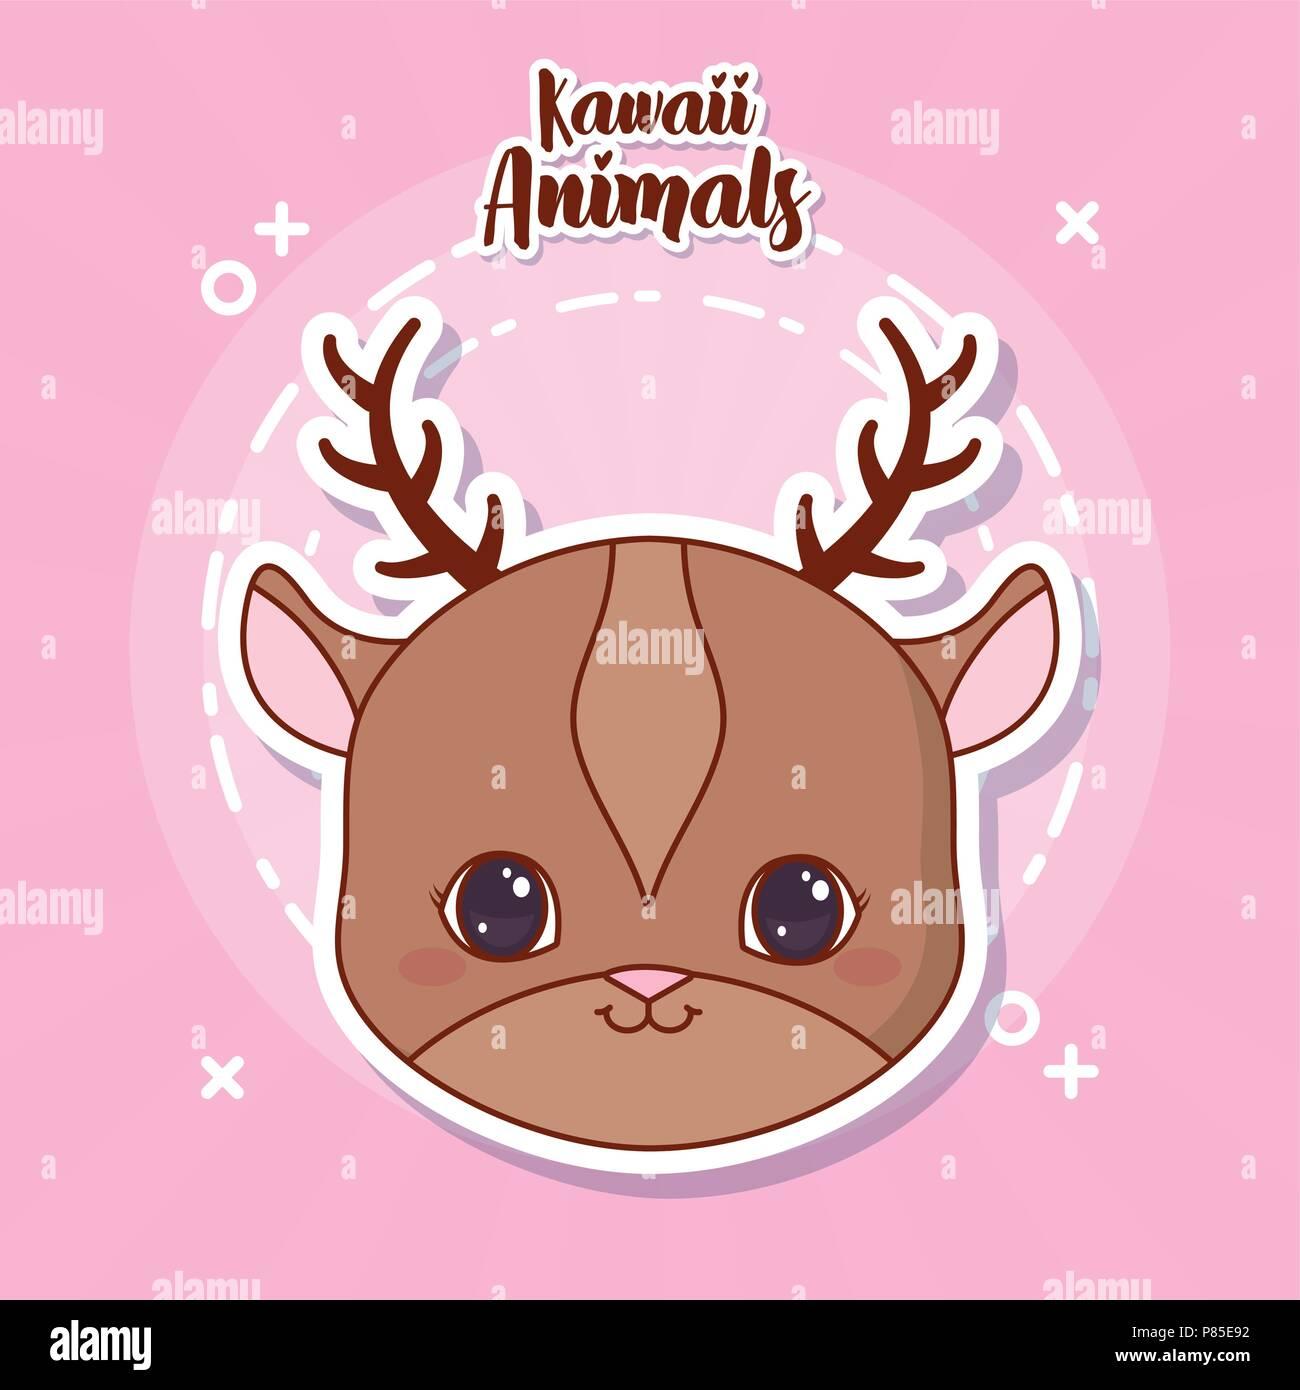 Kawaii Icona Di Cervo Su Sfondo Rosa Design Colorato Illustrazione